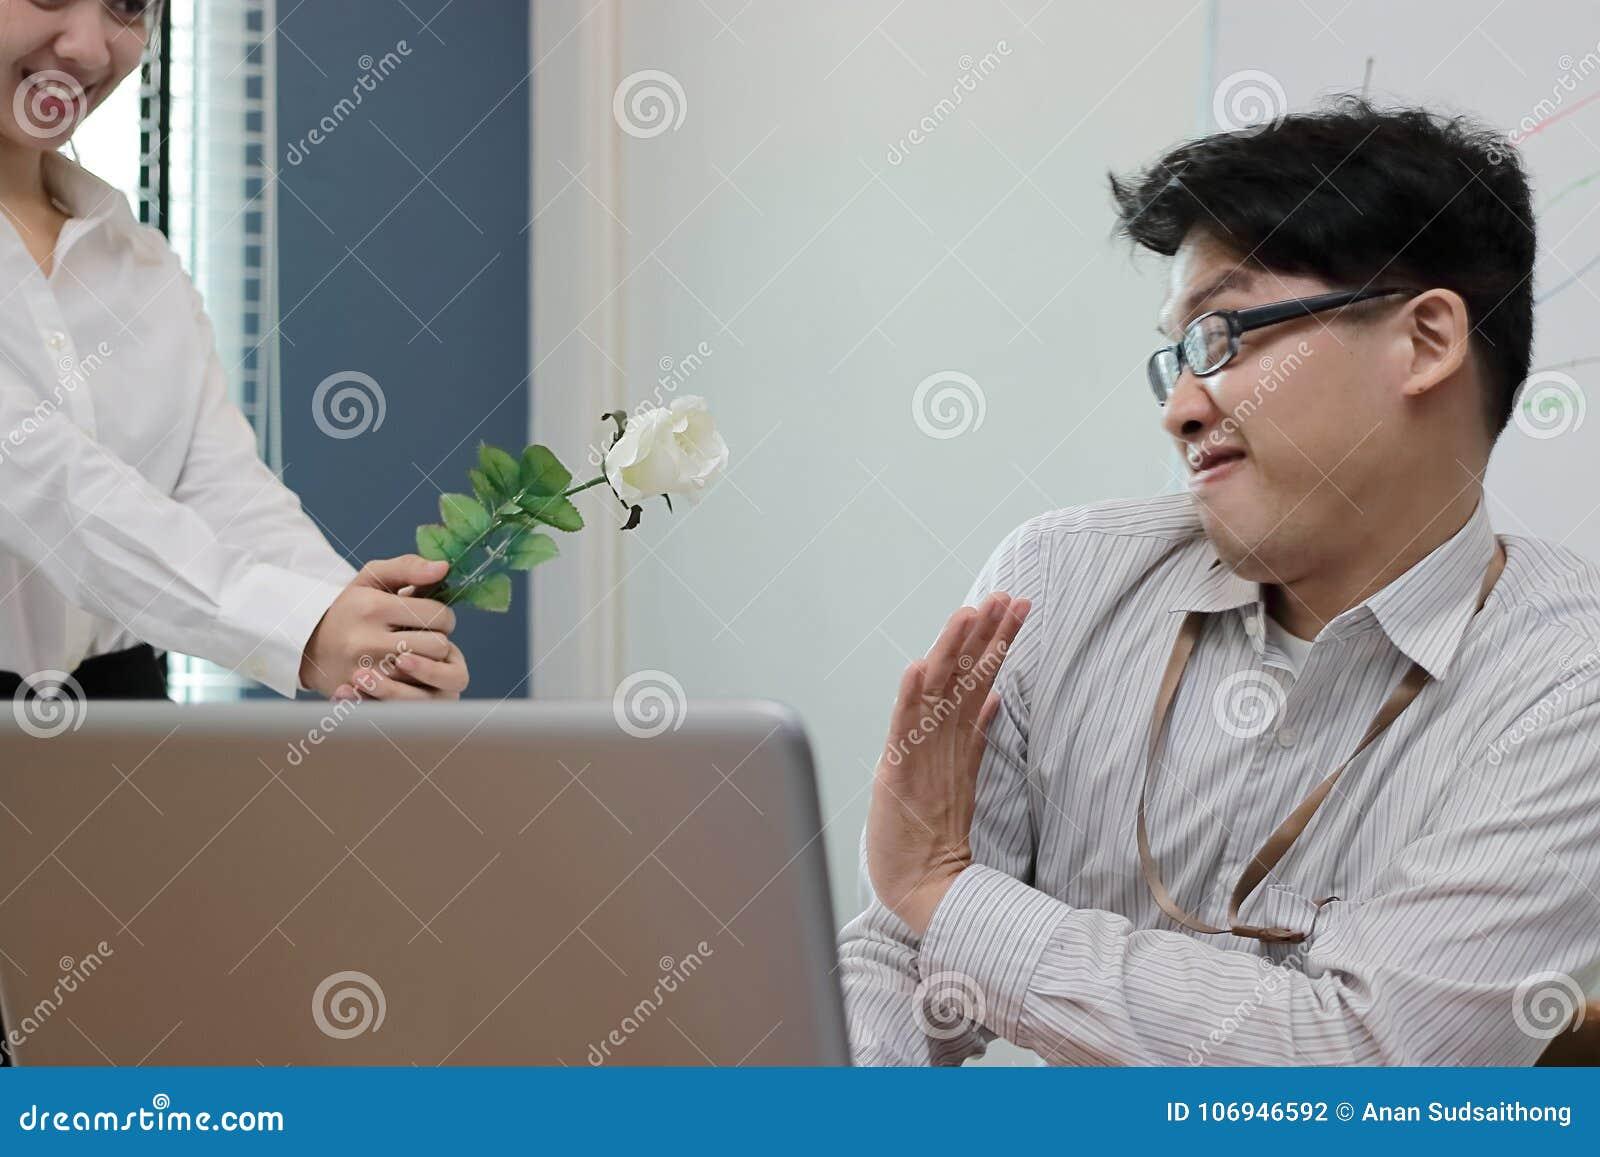 De zachte nadruk boze Aziatische bedrijfsman weigert witte rozen van aantrekkelijke vrouw Teleurgesteld liefdeconcept